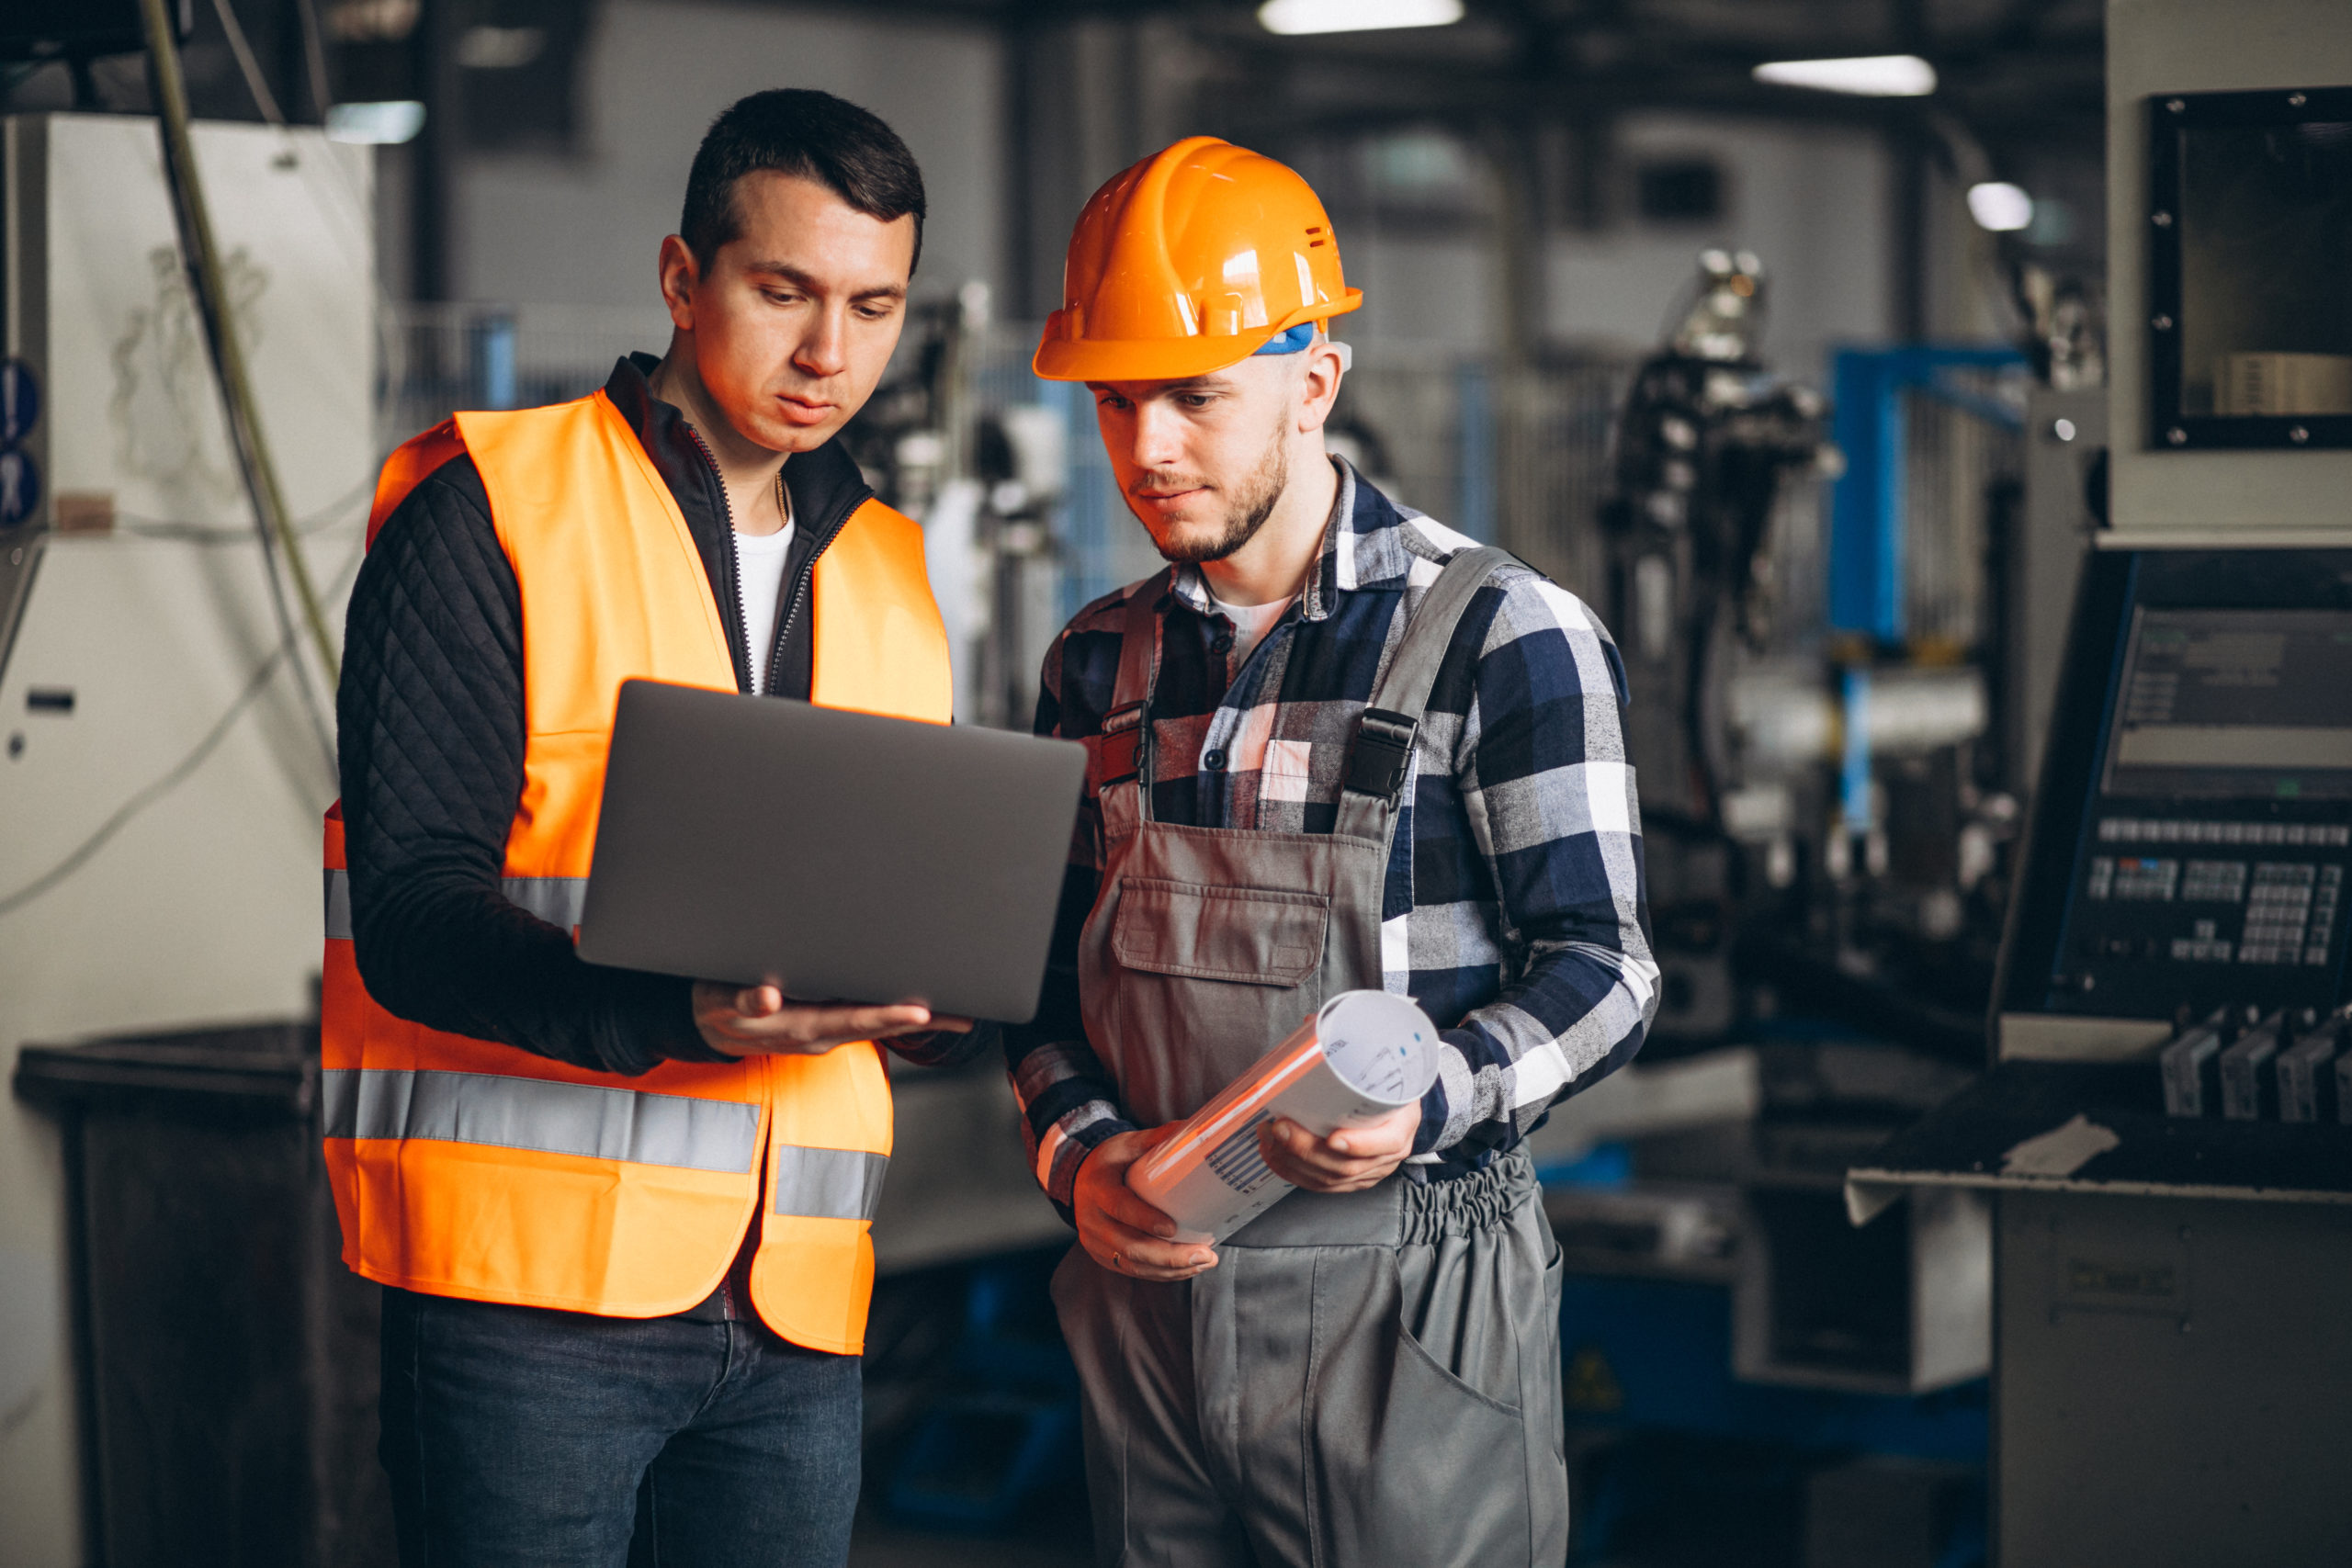 Dispositivos de alto desempenho, durabilidade e com bom custo-benefício para aplicação industrial